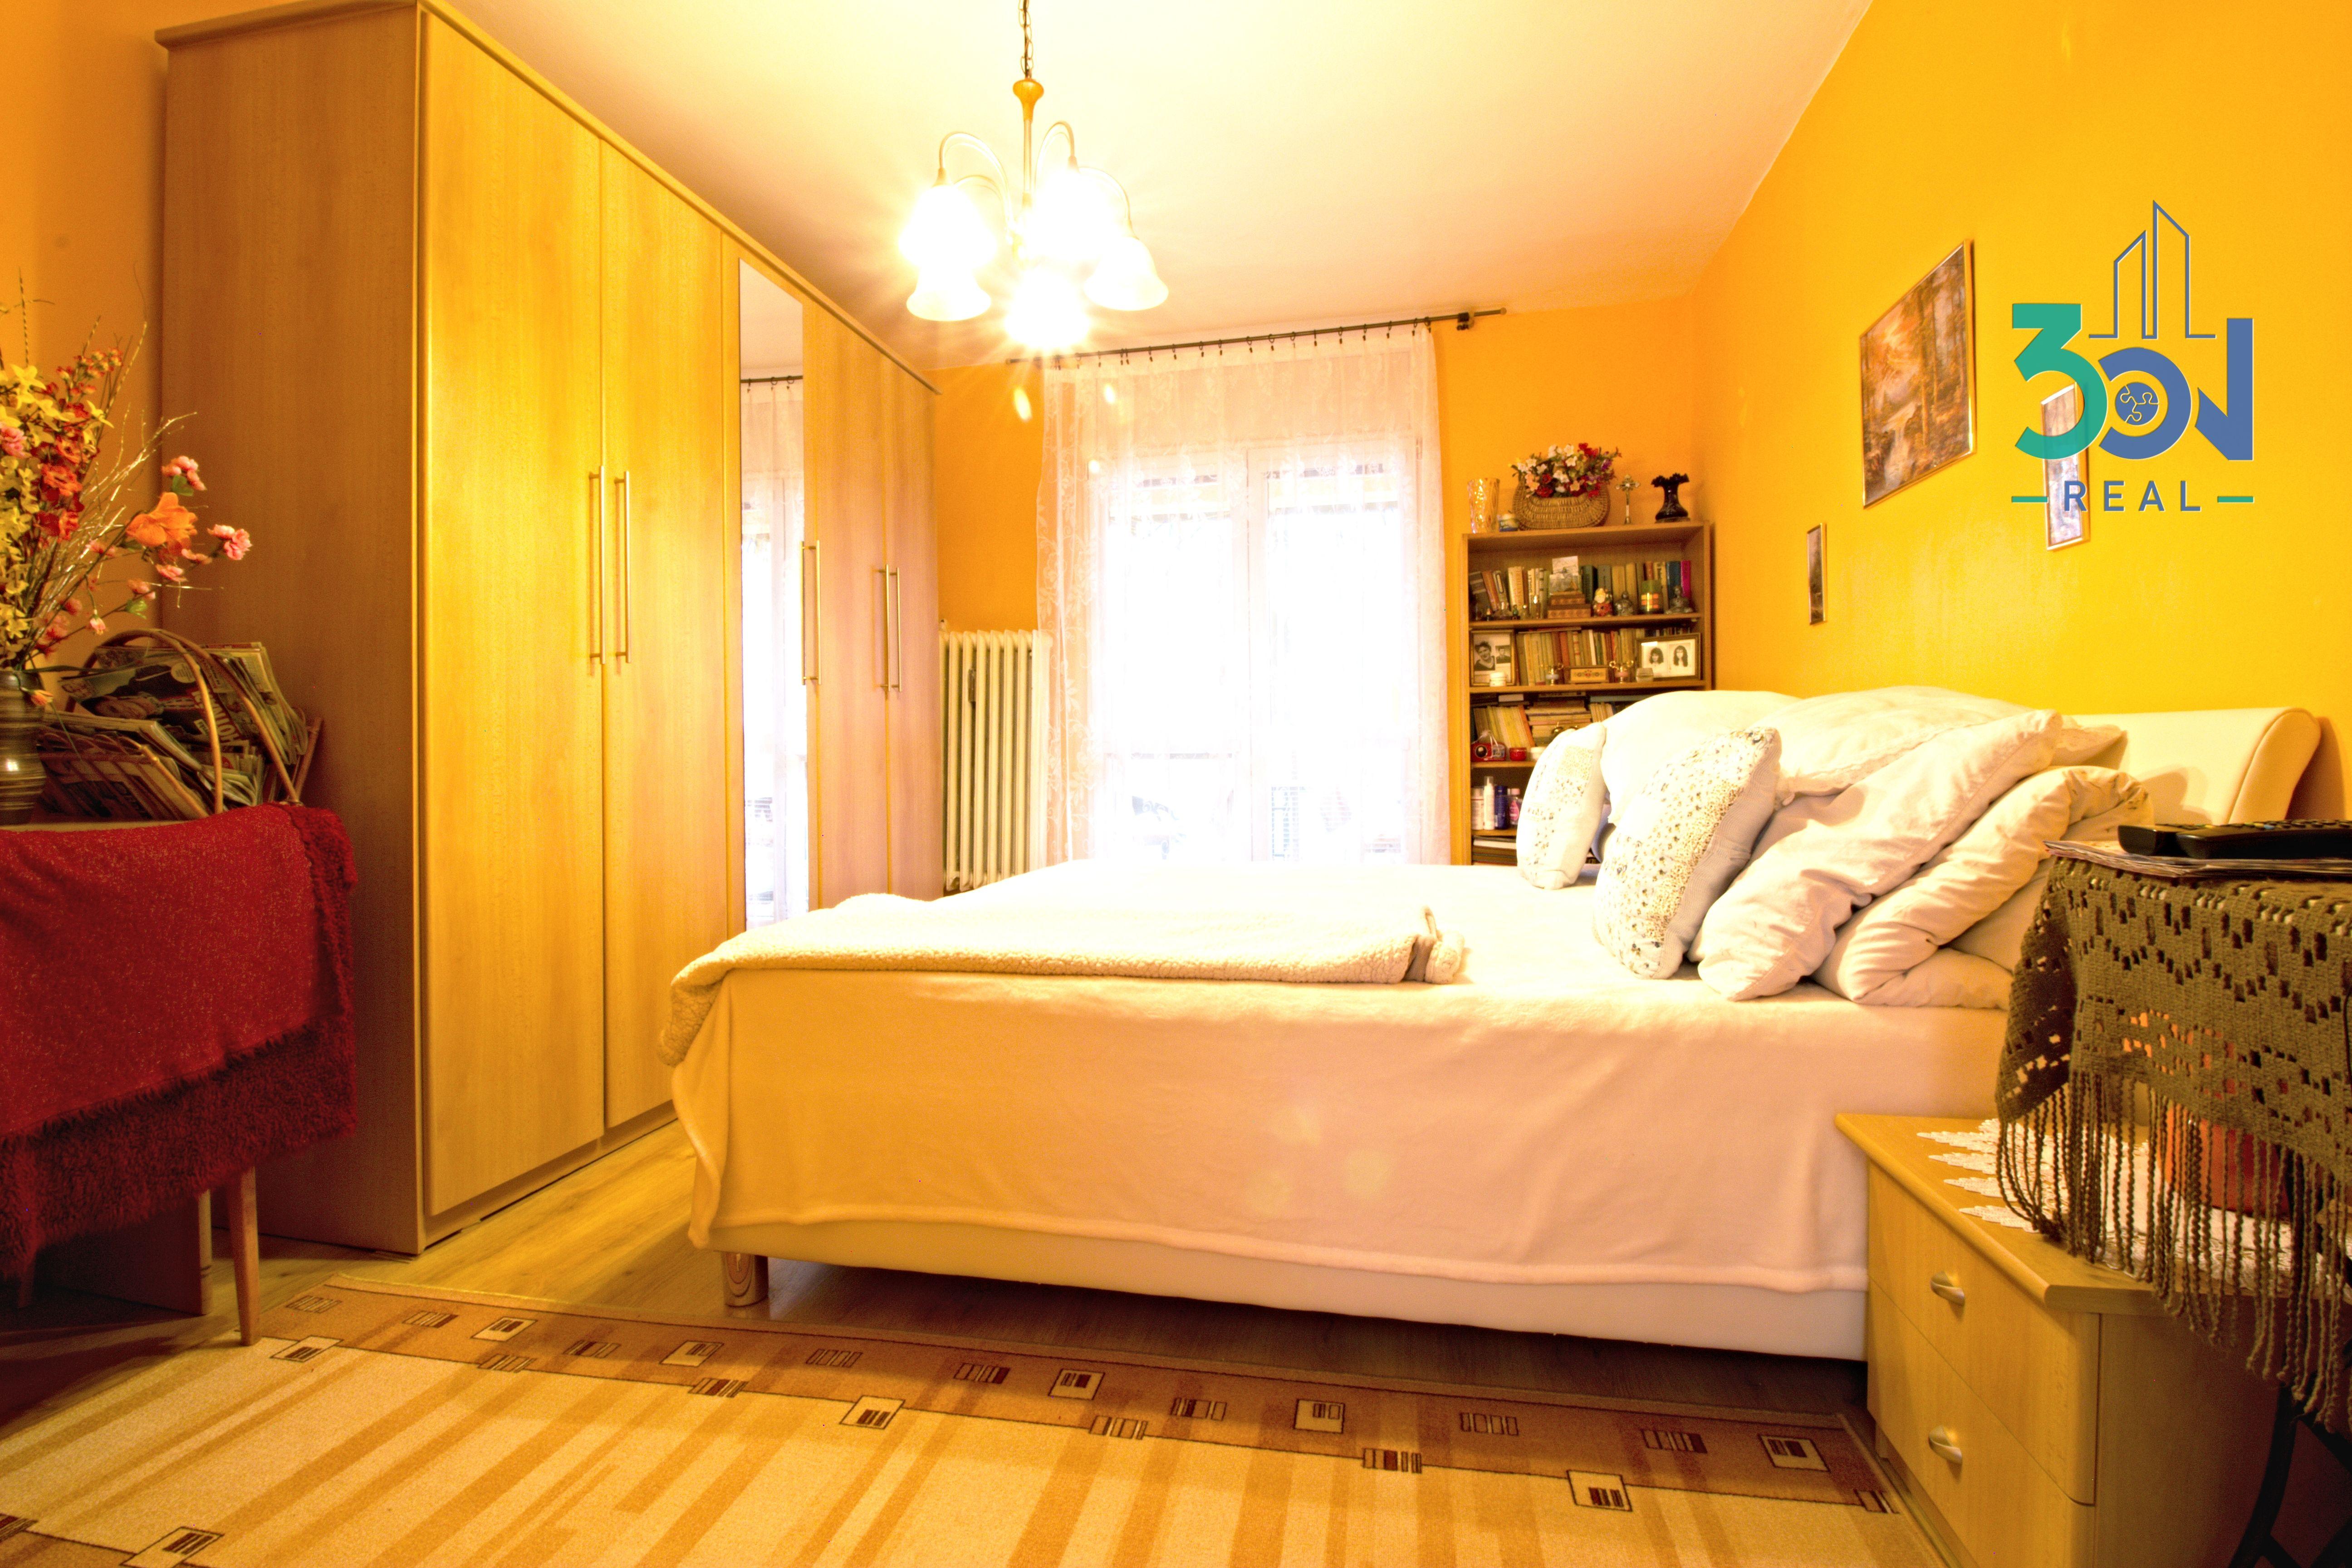 /PREDANÉ/ 2 – izbový byt Prešov, ulica Sabinovská